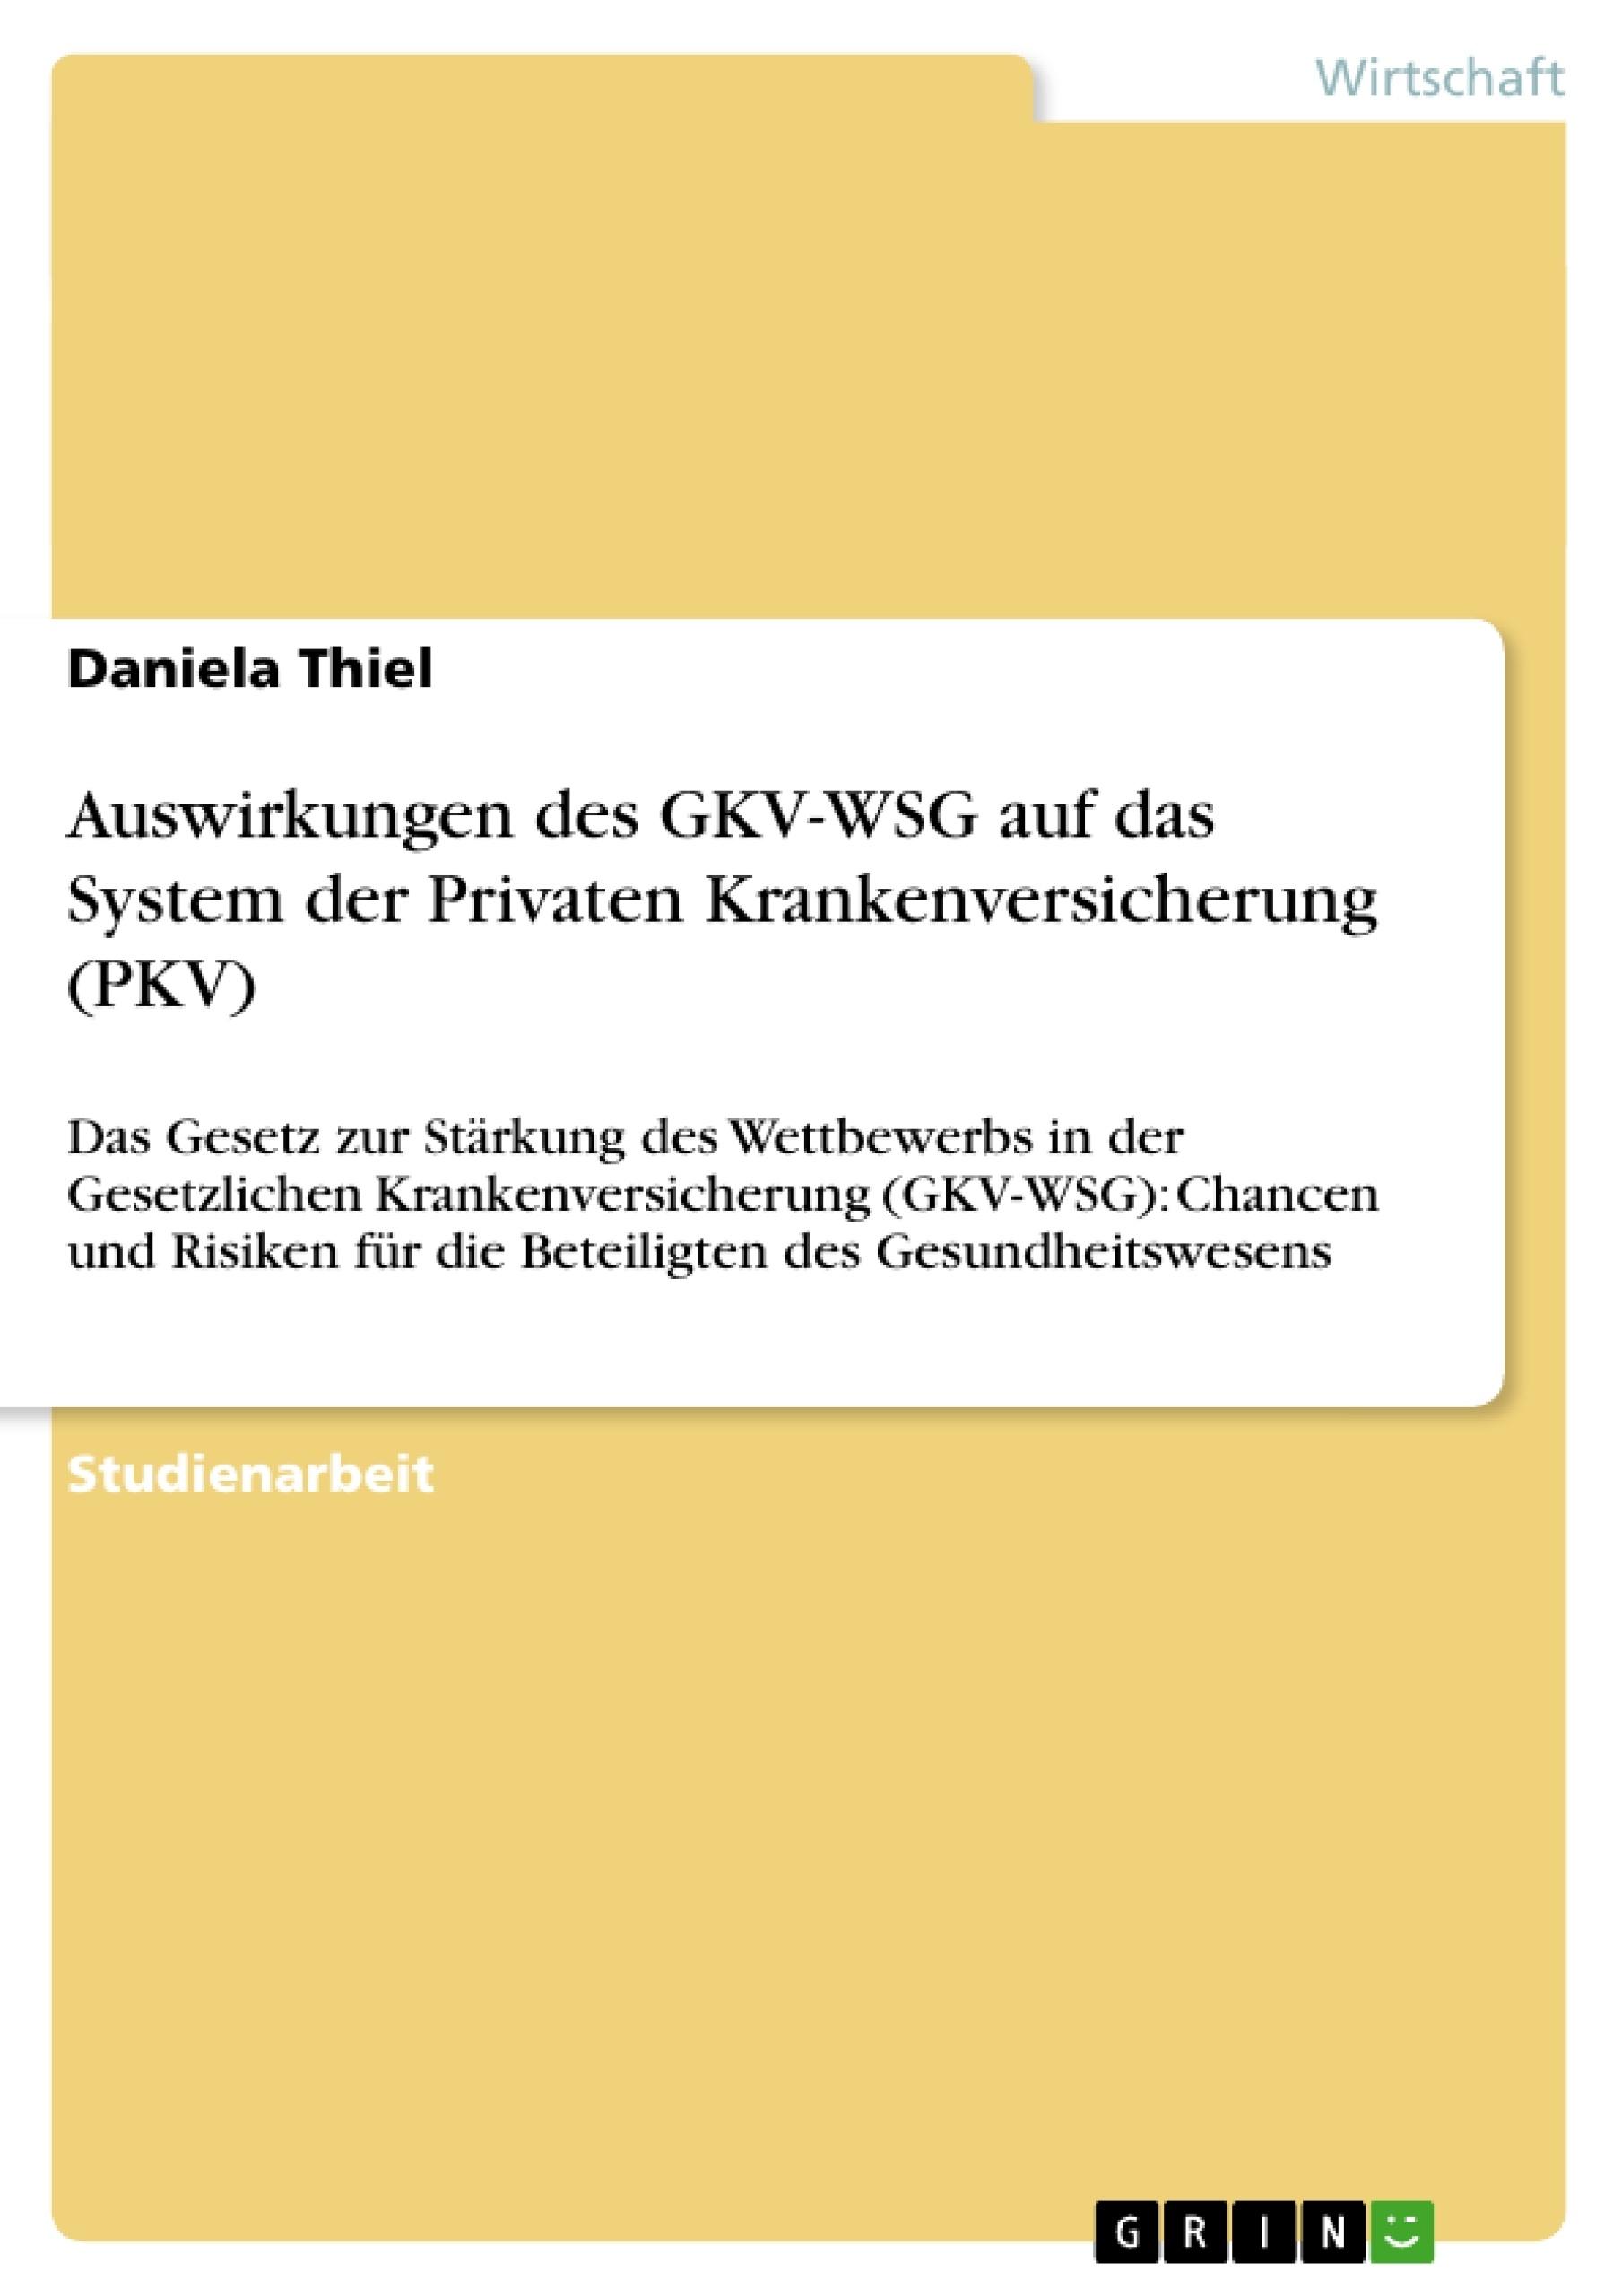 Titel: Auswirkungen des GKV-WSG auf das System der Privaten Krankenversicherung (PKV)